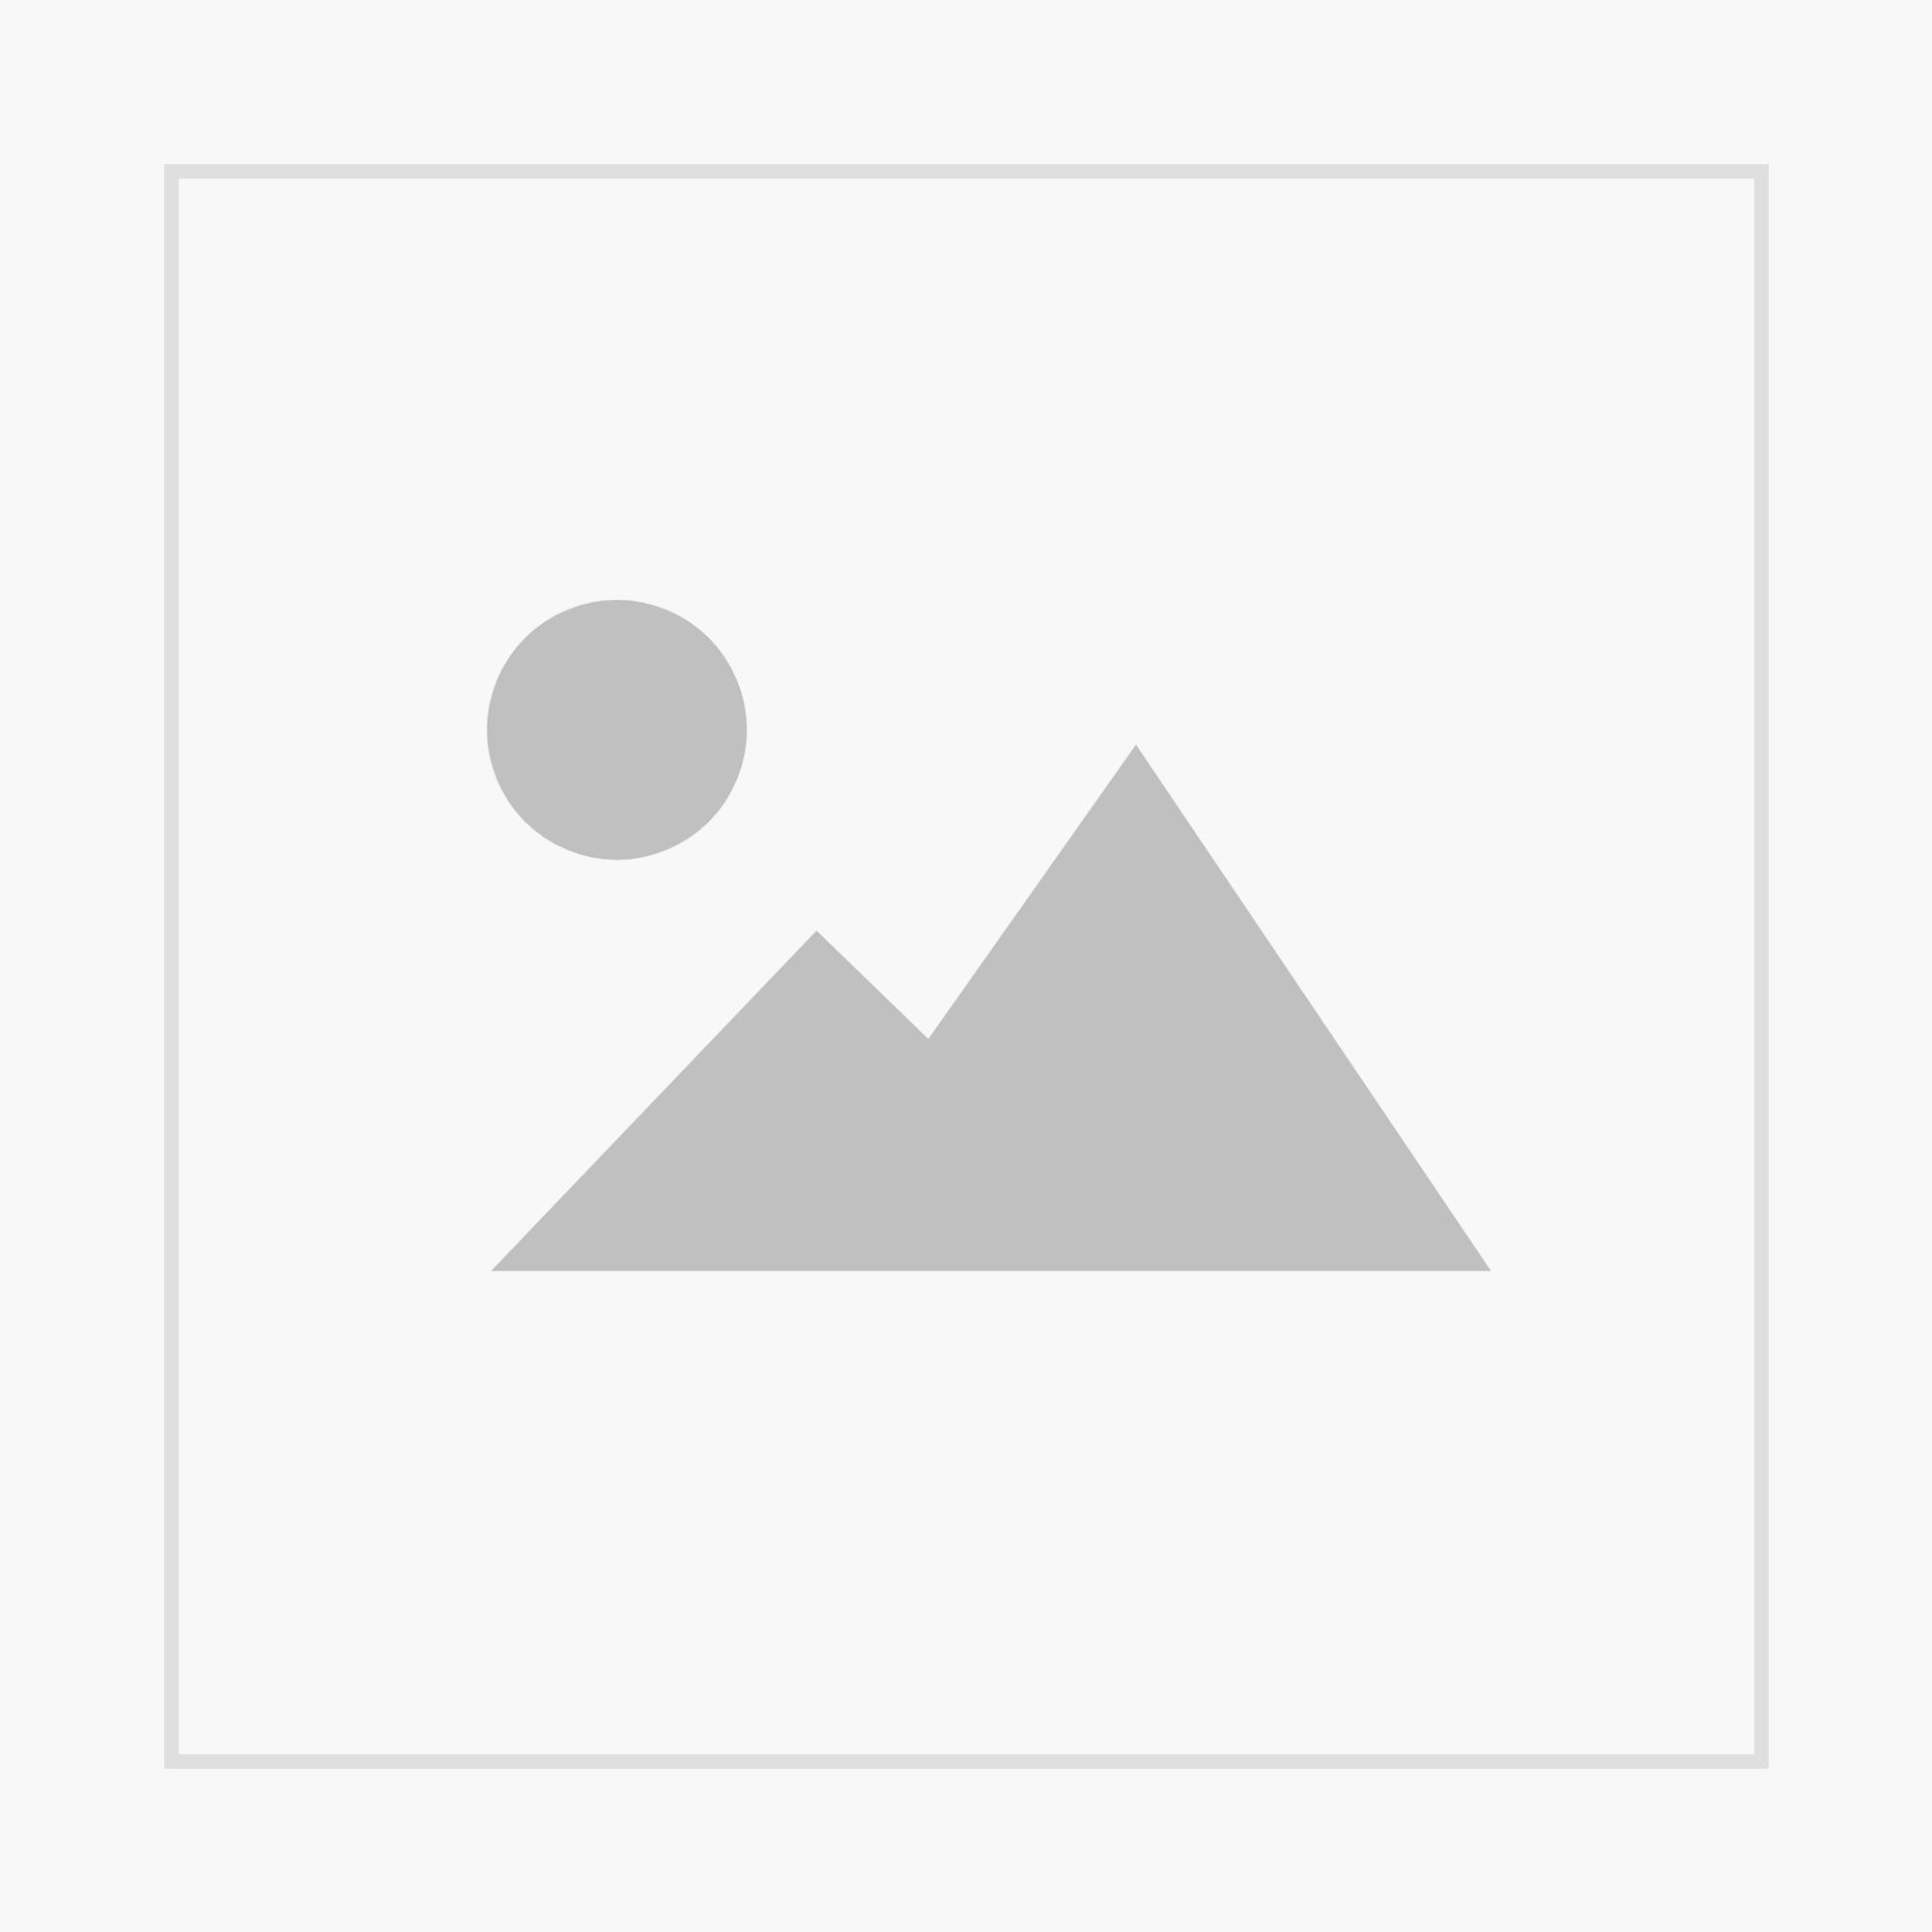 PDF: NaBiV Heft 165: Methodik der Eingrifsregelung im bundesweiten Vergleich